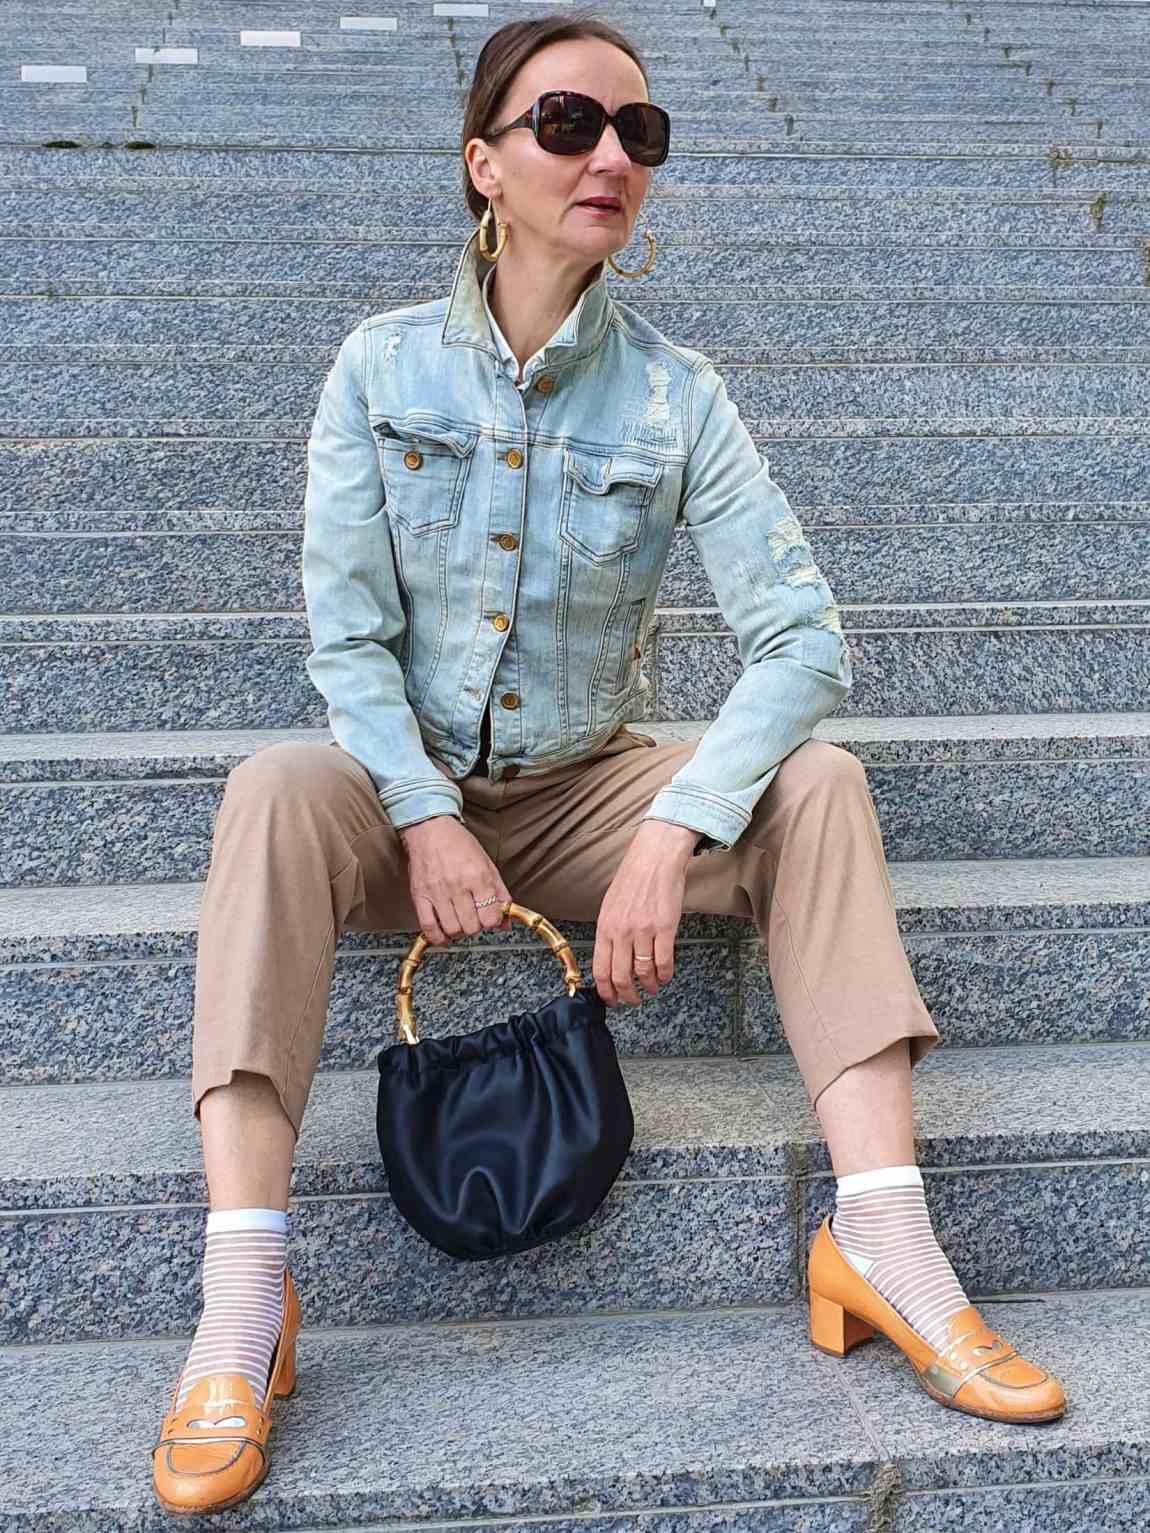 jeansjacke-stylen-ue50-outfit-sommer-blog-oceanblue-style.jpg